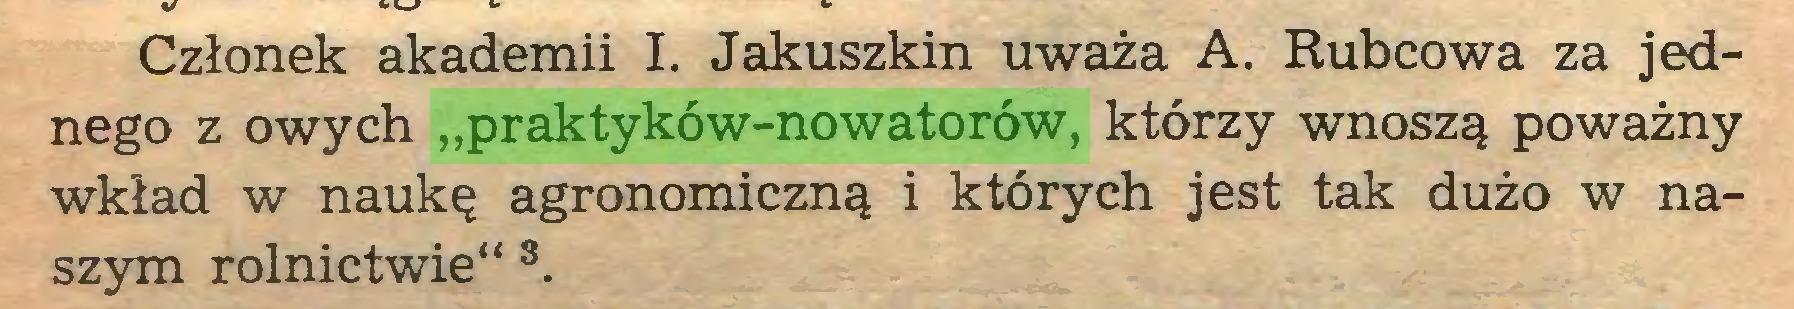 """(...) Członek akademii I. Jakuszkin uważa A. Rubcowa za jednego z owych """"praktyków-nowatorów, którzy wnoszą poważny wkład w naukę agronomiczną i których jest tak dużo w naszym rolnictwie"""" s..."""